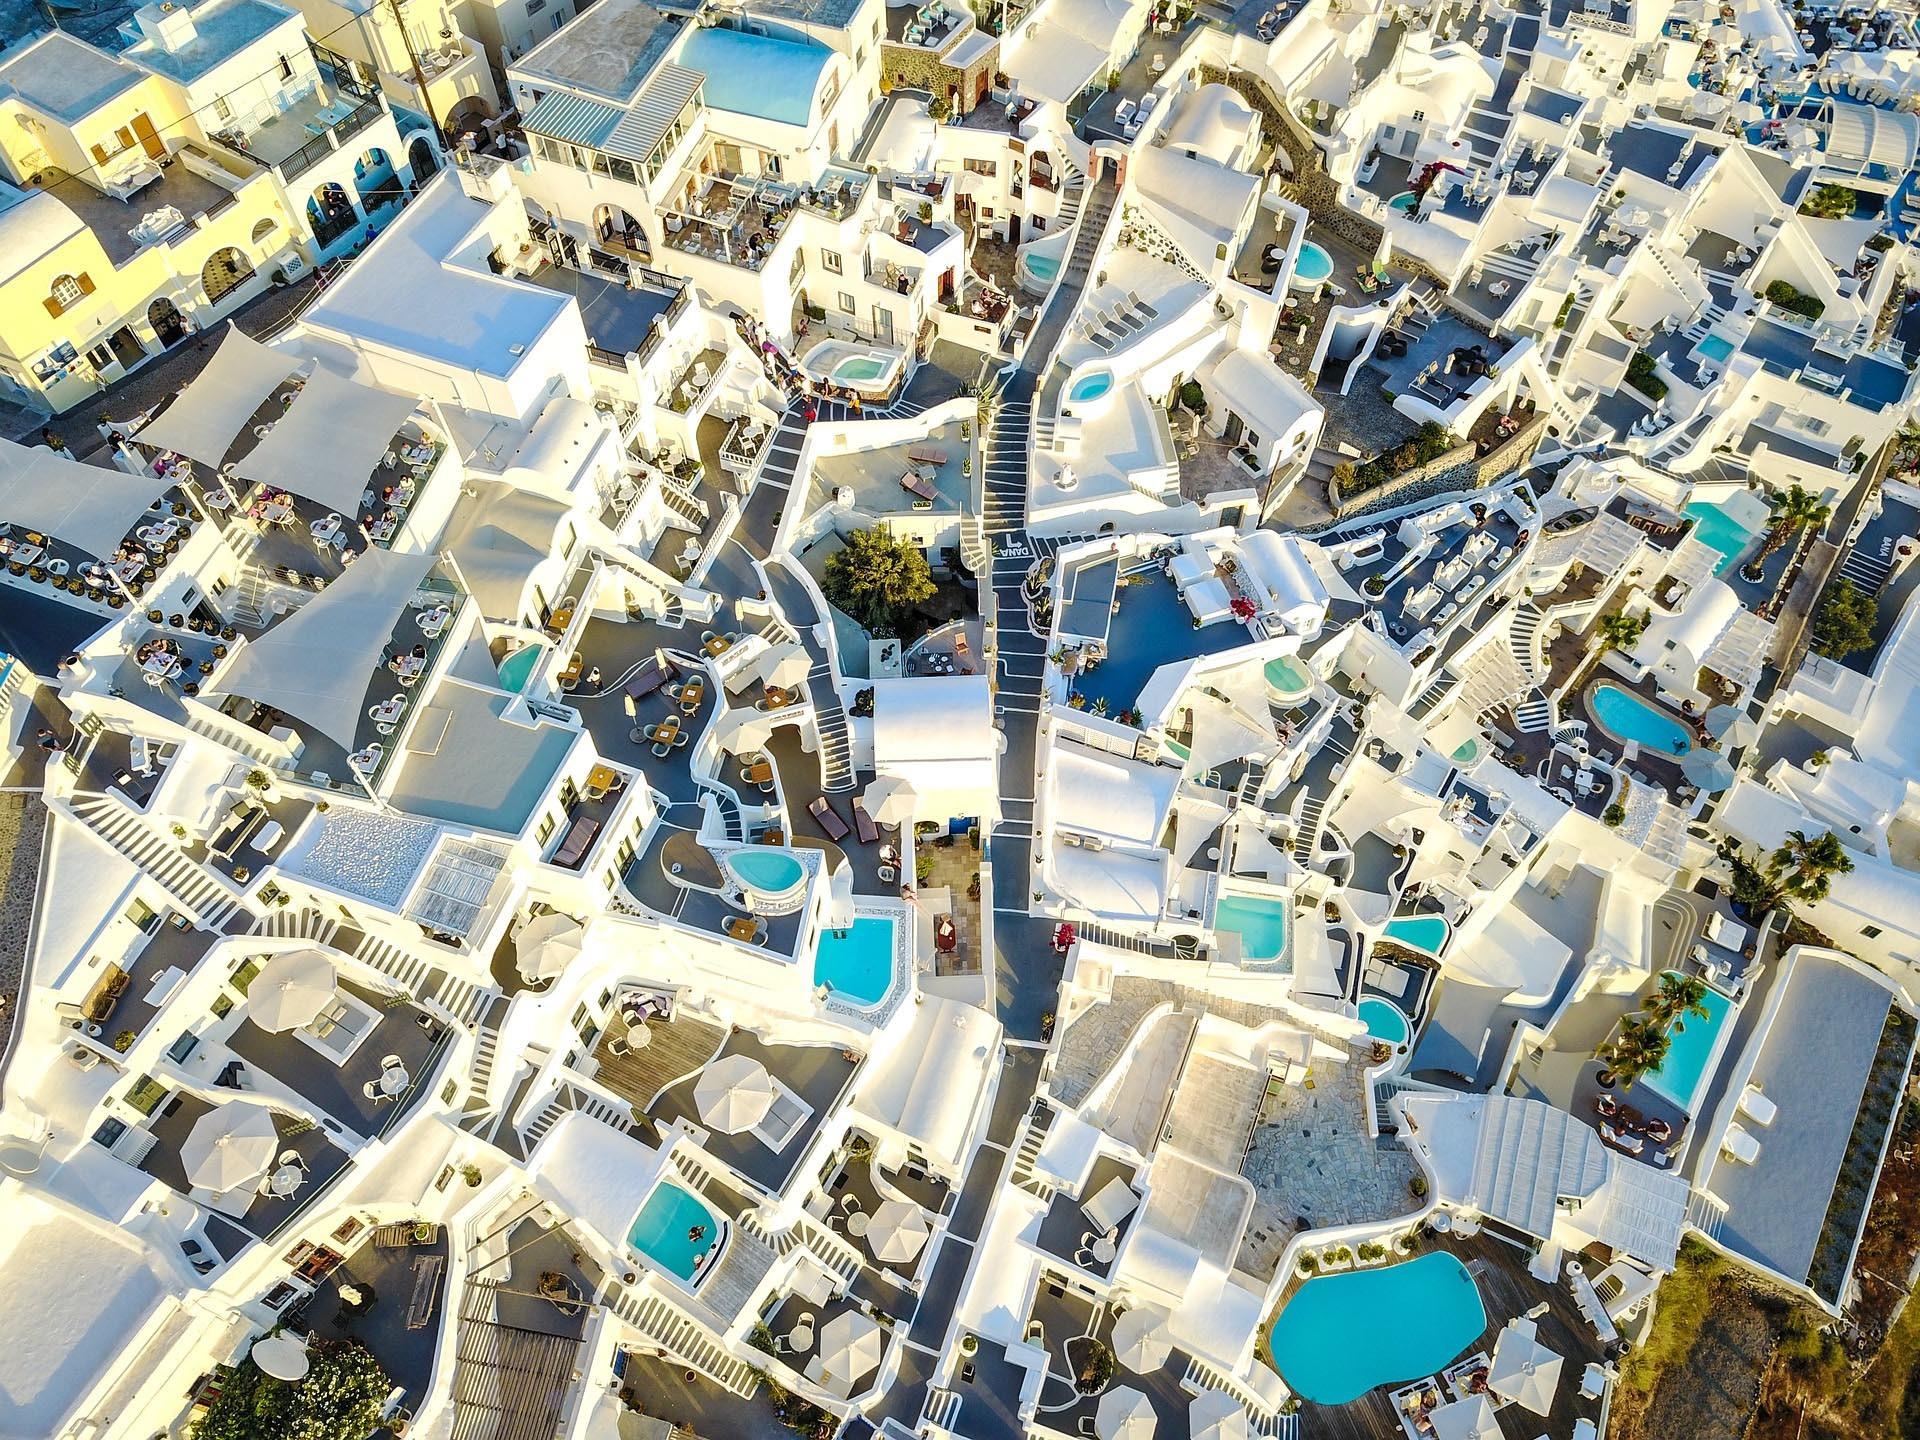 vista aerea desde un dron